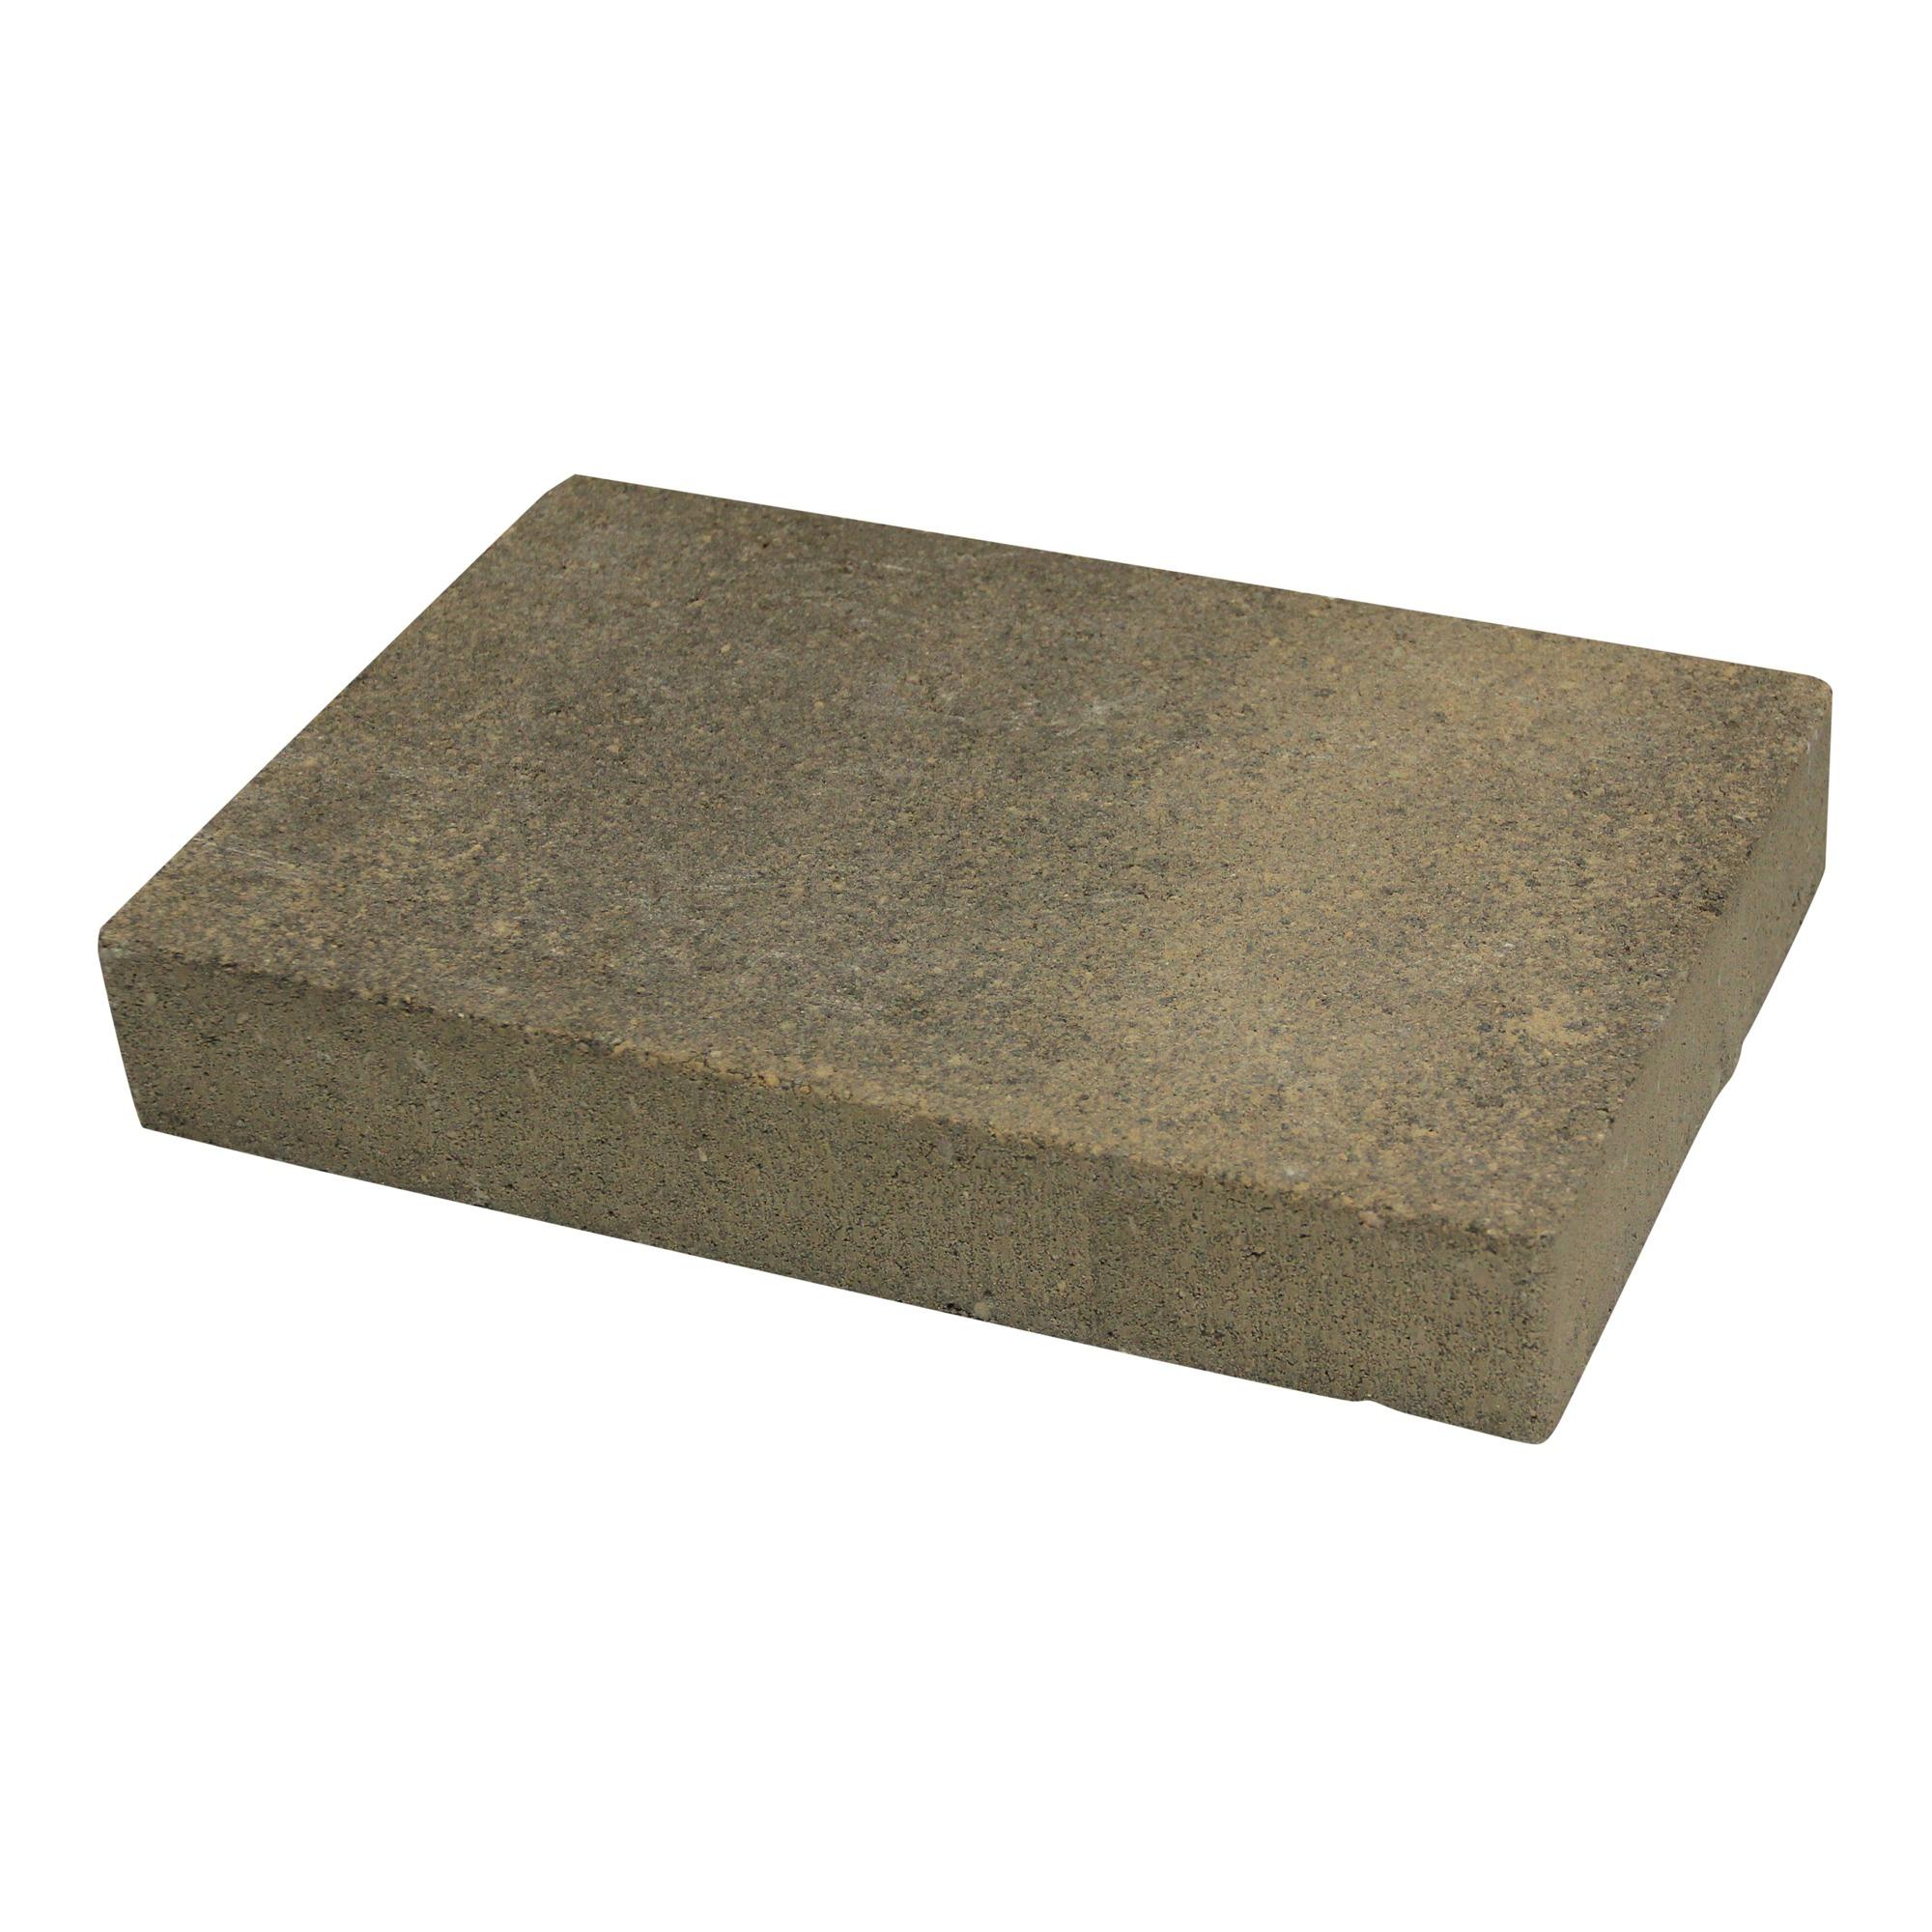 Terrastegel Beton Broadway Bruin/Oker 30x20 cm - Per Tegel - 0,06 m2